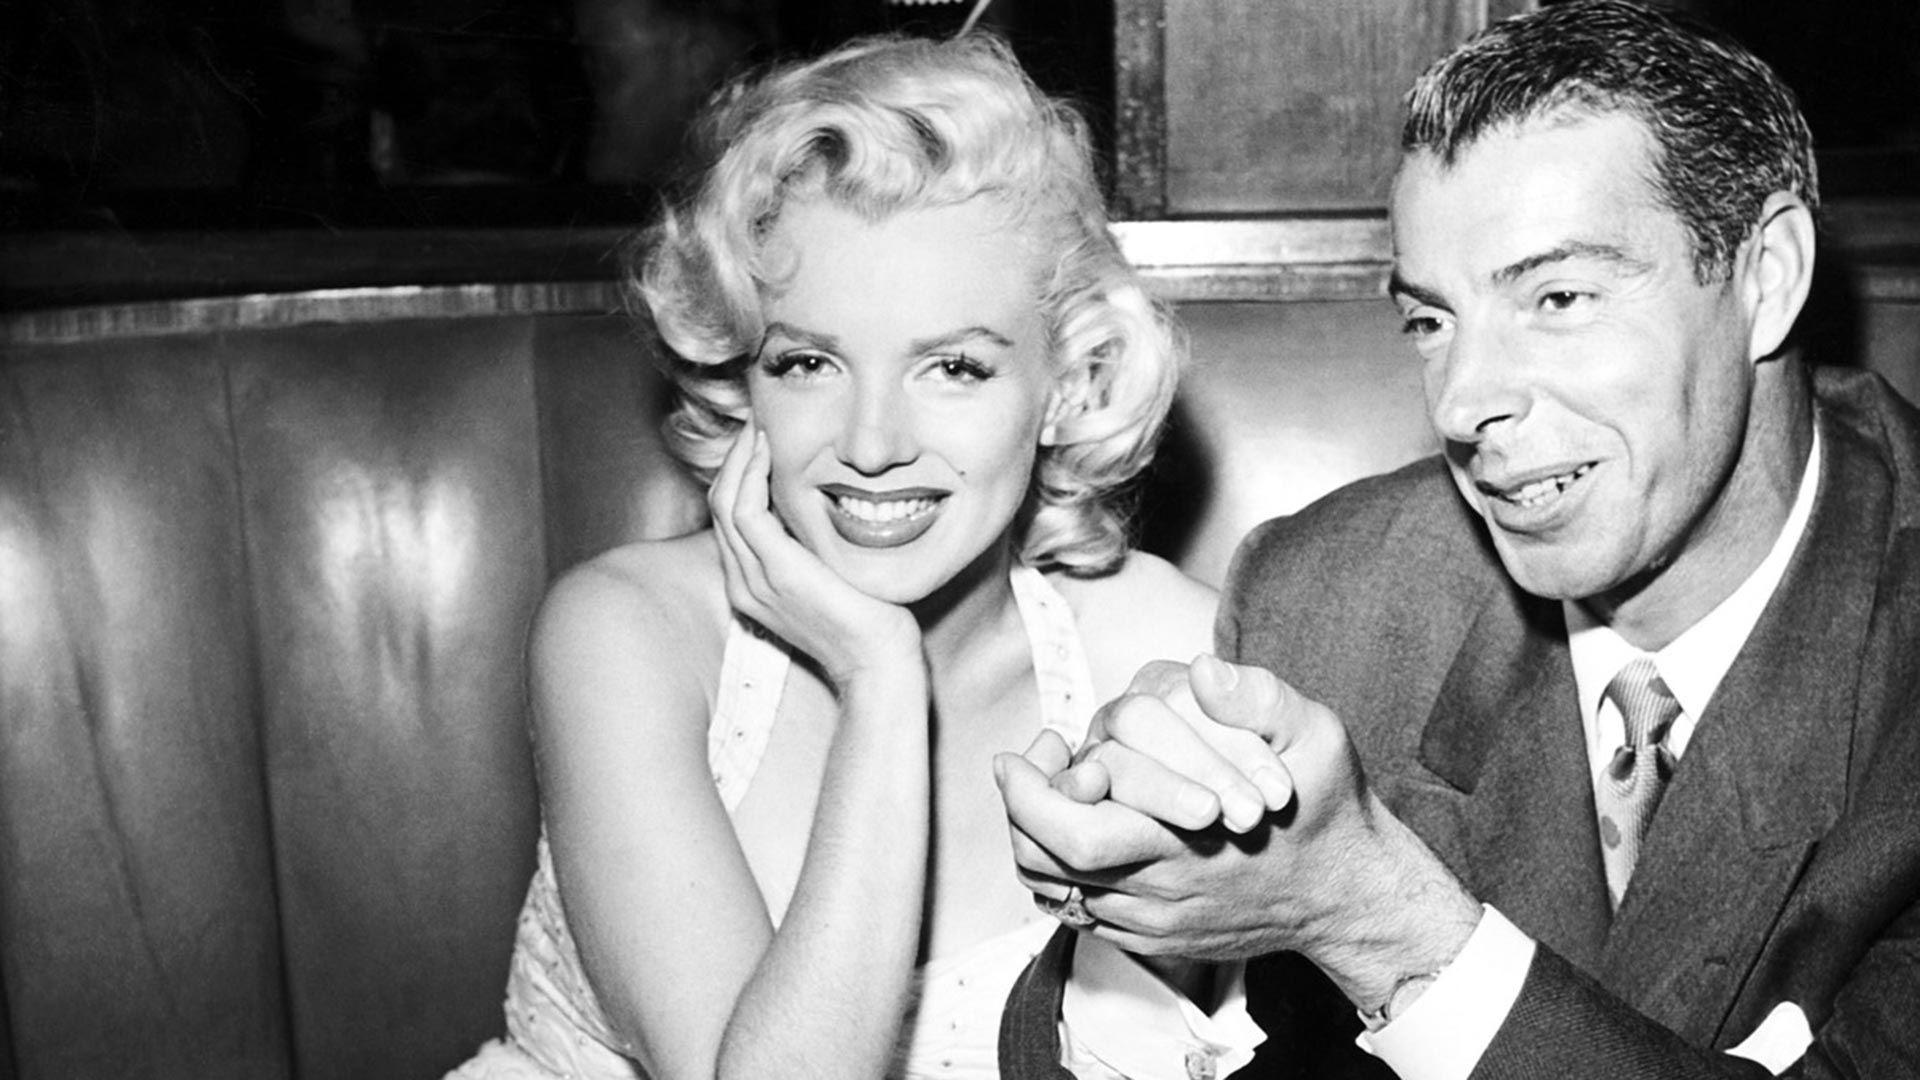 """""""Había rayos y truenos, como dioses"""", decían sobre la intimidad en la alcoba Marilyn y Di Maggio.  (Foto: Archivo)"""